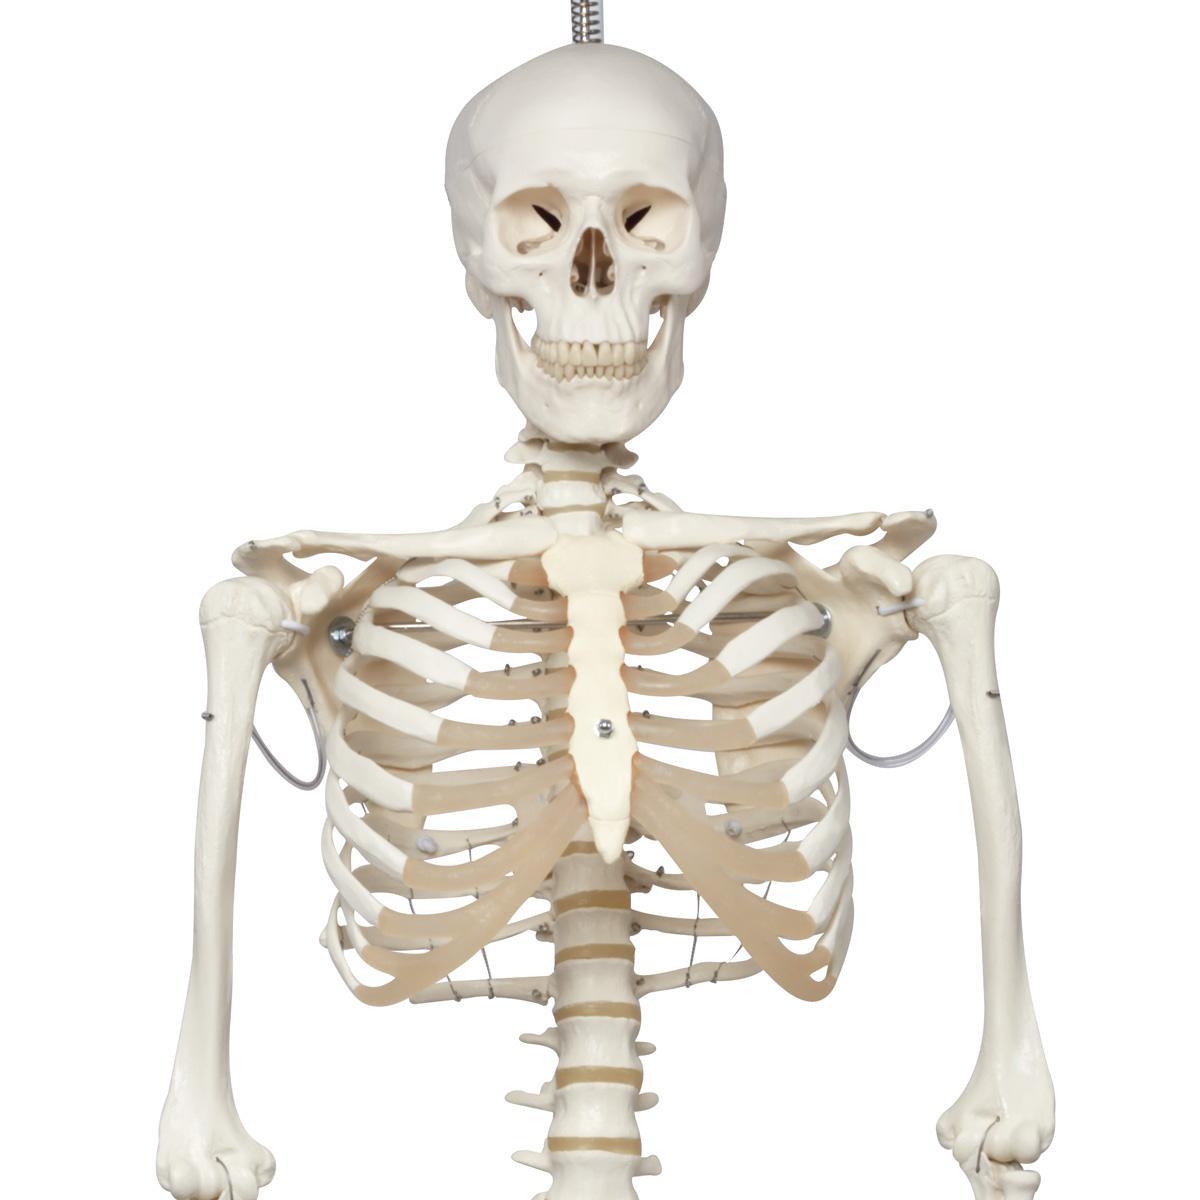 гормоны из костей влияют на аппетит и метаболизм